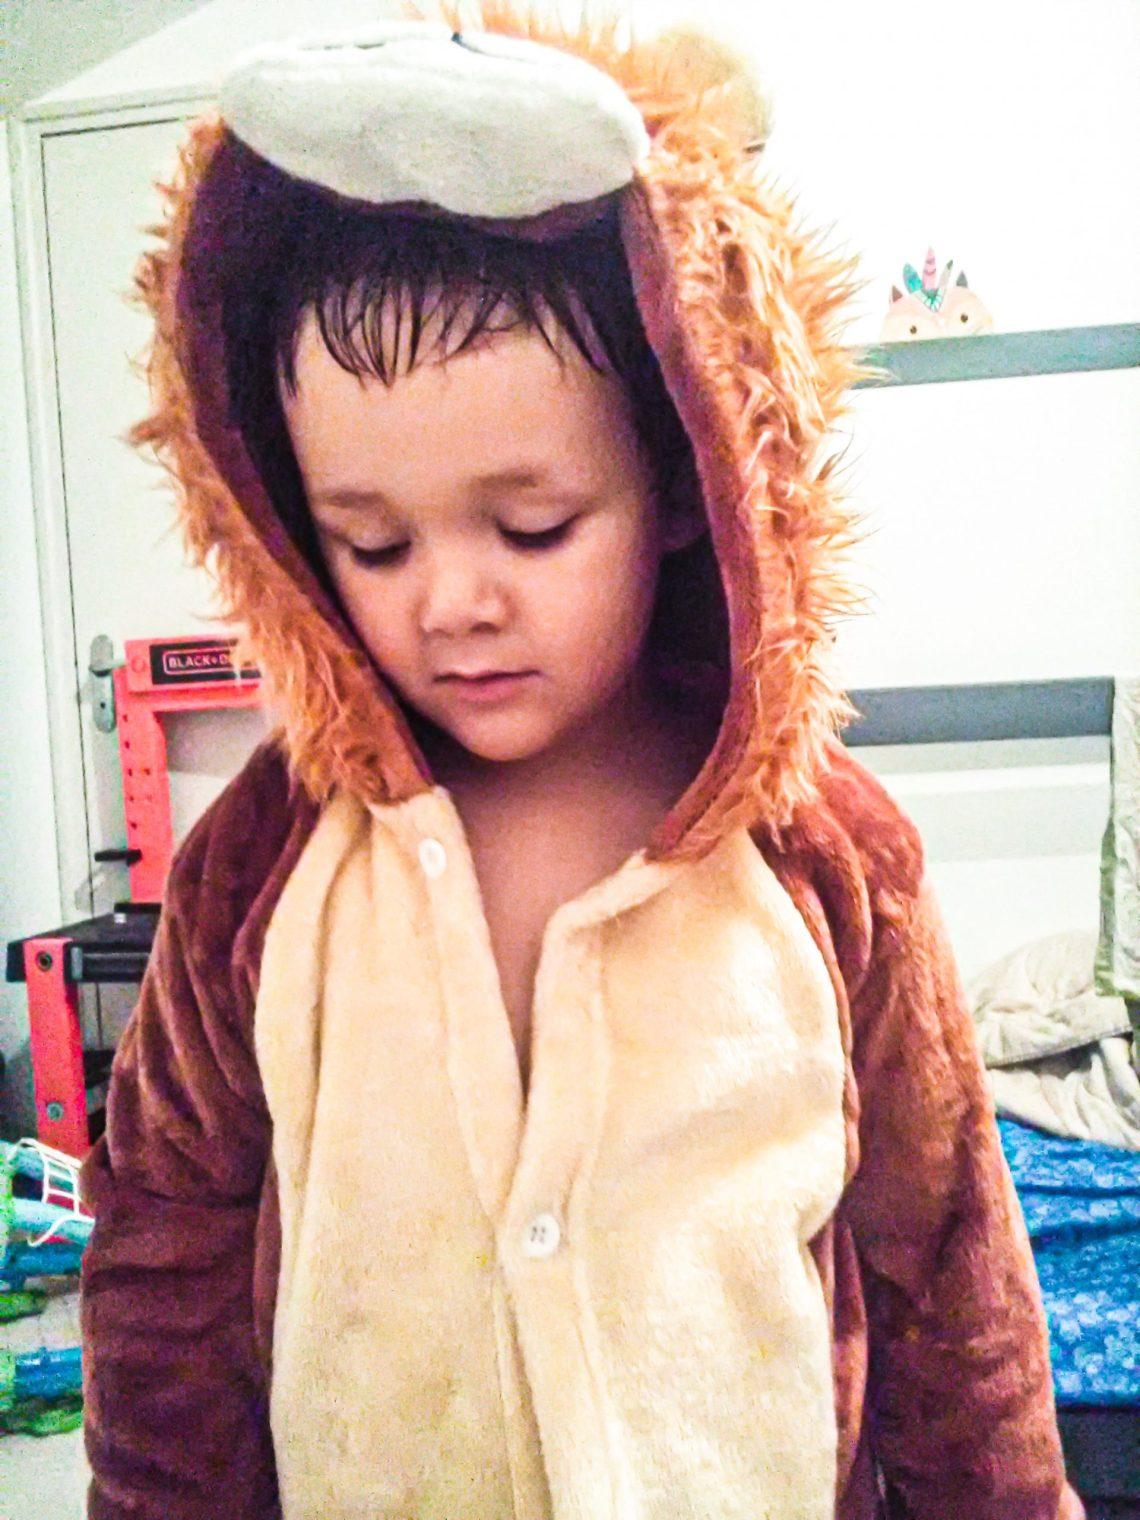 Kigurumi Dojo : Pourquoi opter pour ces pyjamas pour ses enfants ?